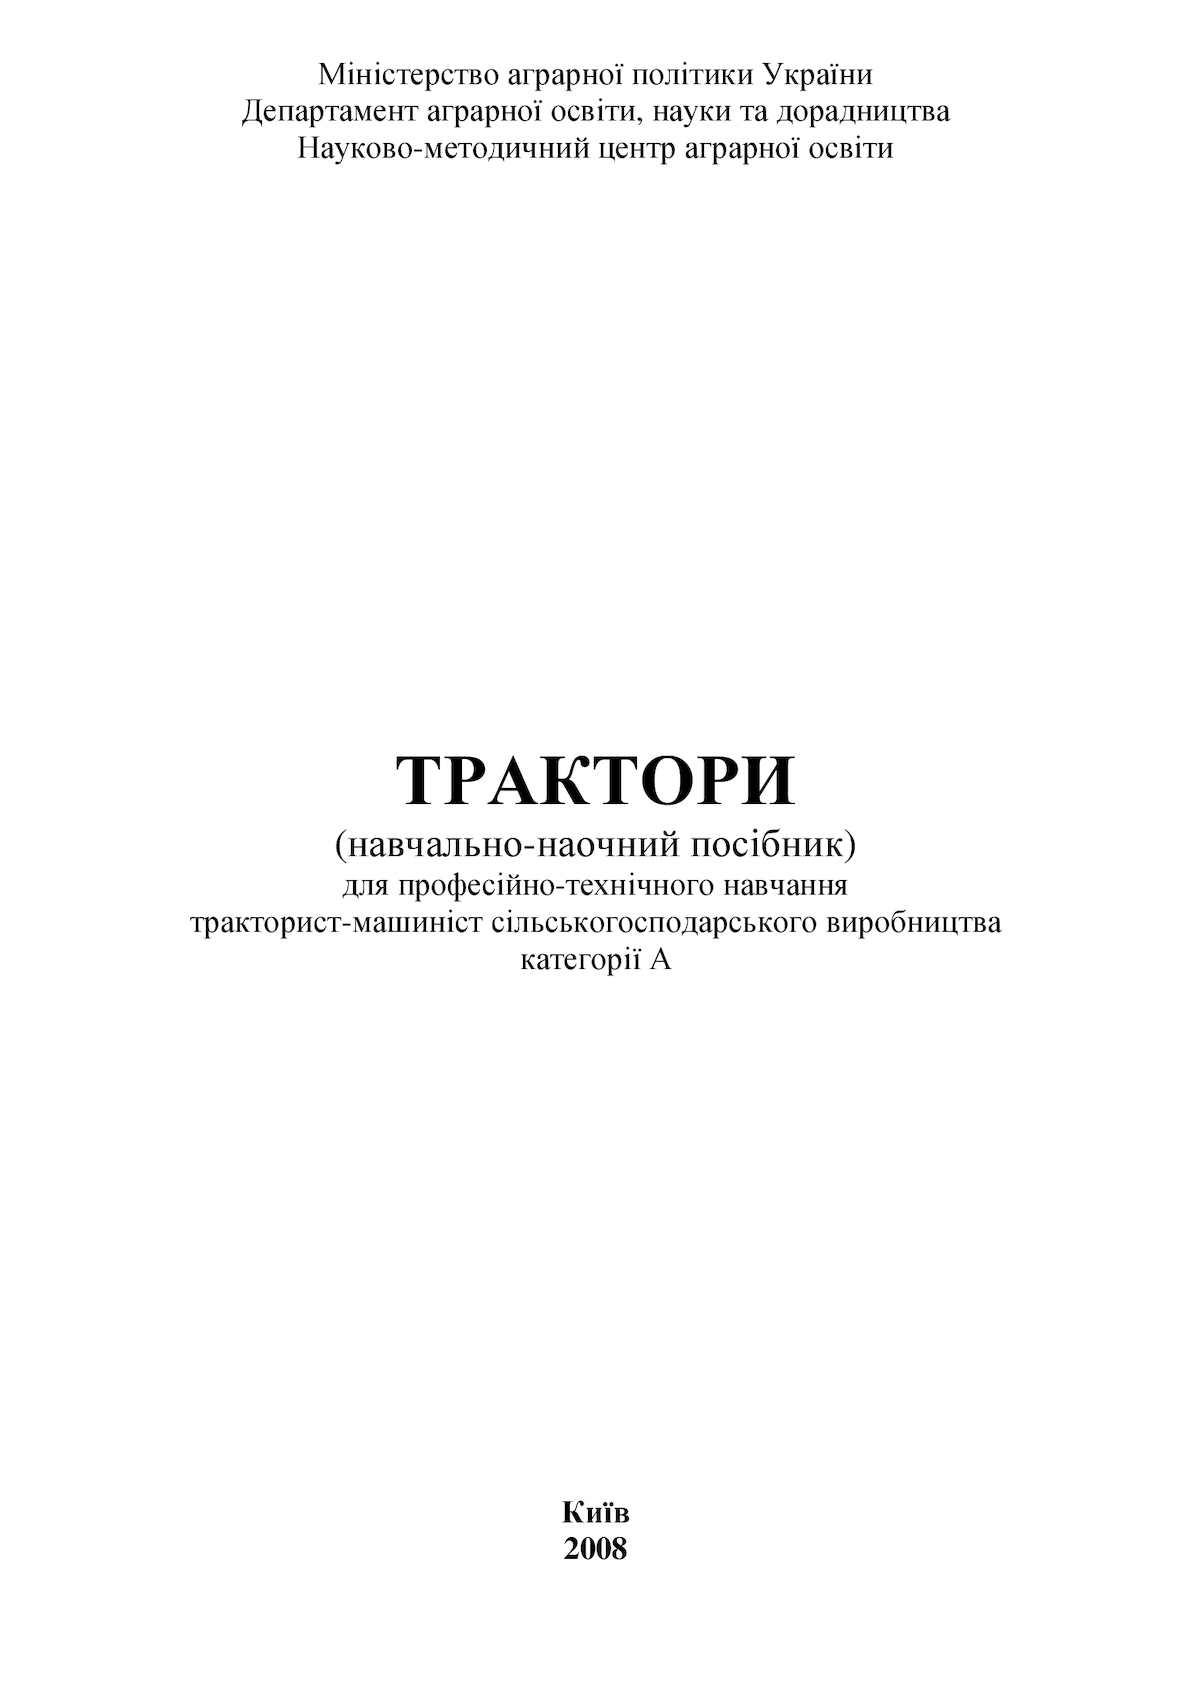 Tractory 2008 Головчук